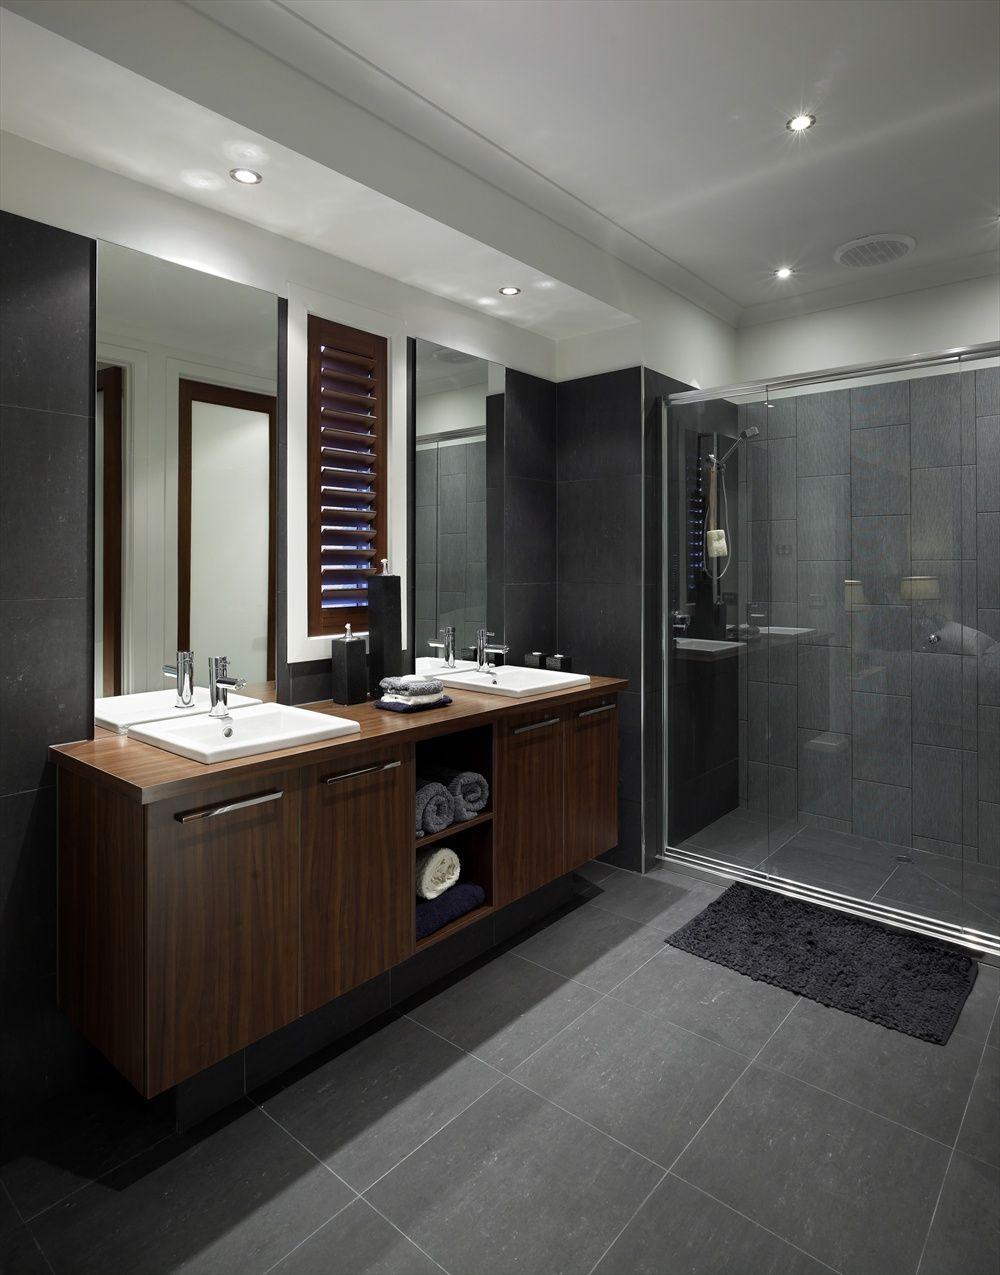 Повышенная влажность в ванной комнате - состояние, которое можно легко преодолеть благодаря качественной вентиляции